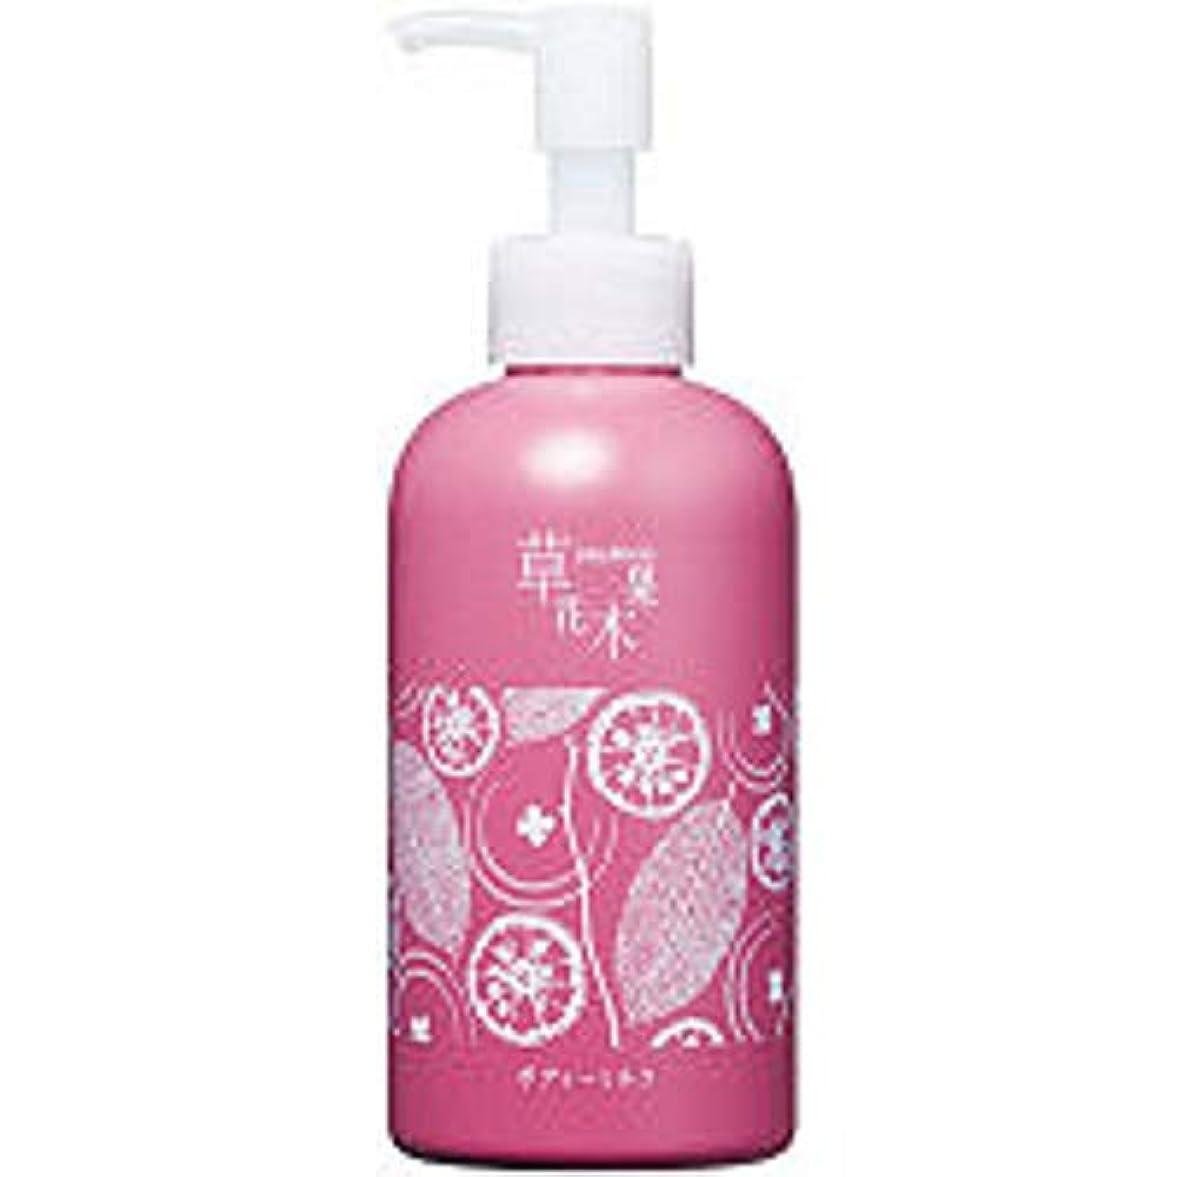 あいさつクールグレード草花木果(そうかもっか) アロマボディミルク(花の香りのボディミルク)(200mL 約30回分?両腕と両脚に使用した場合) ボディーミルク 保湿